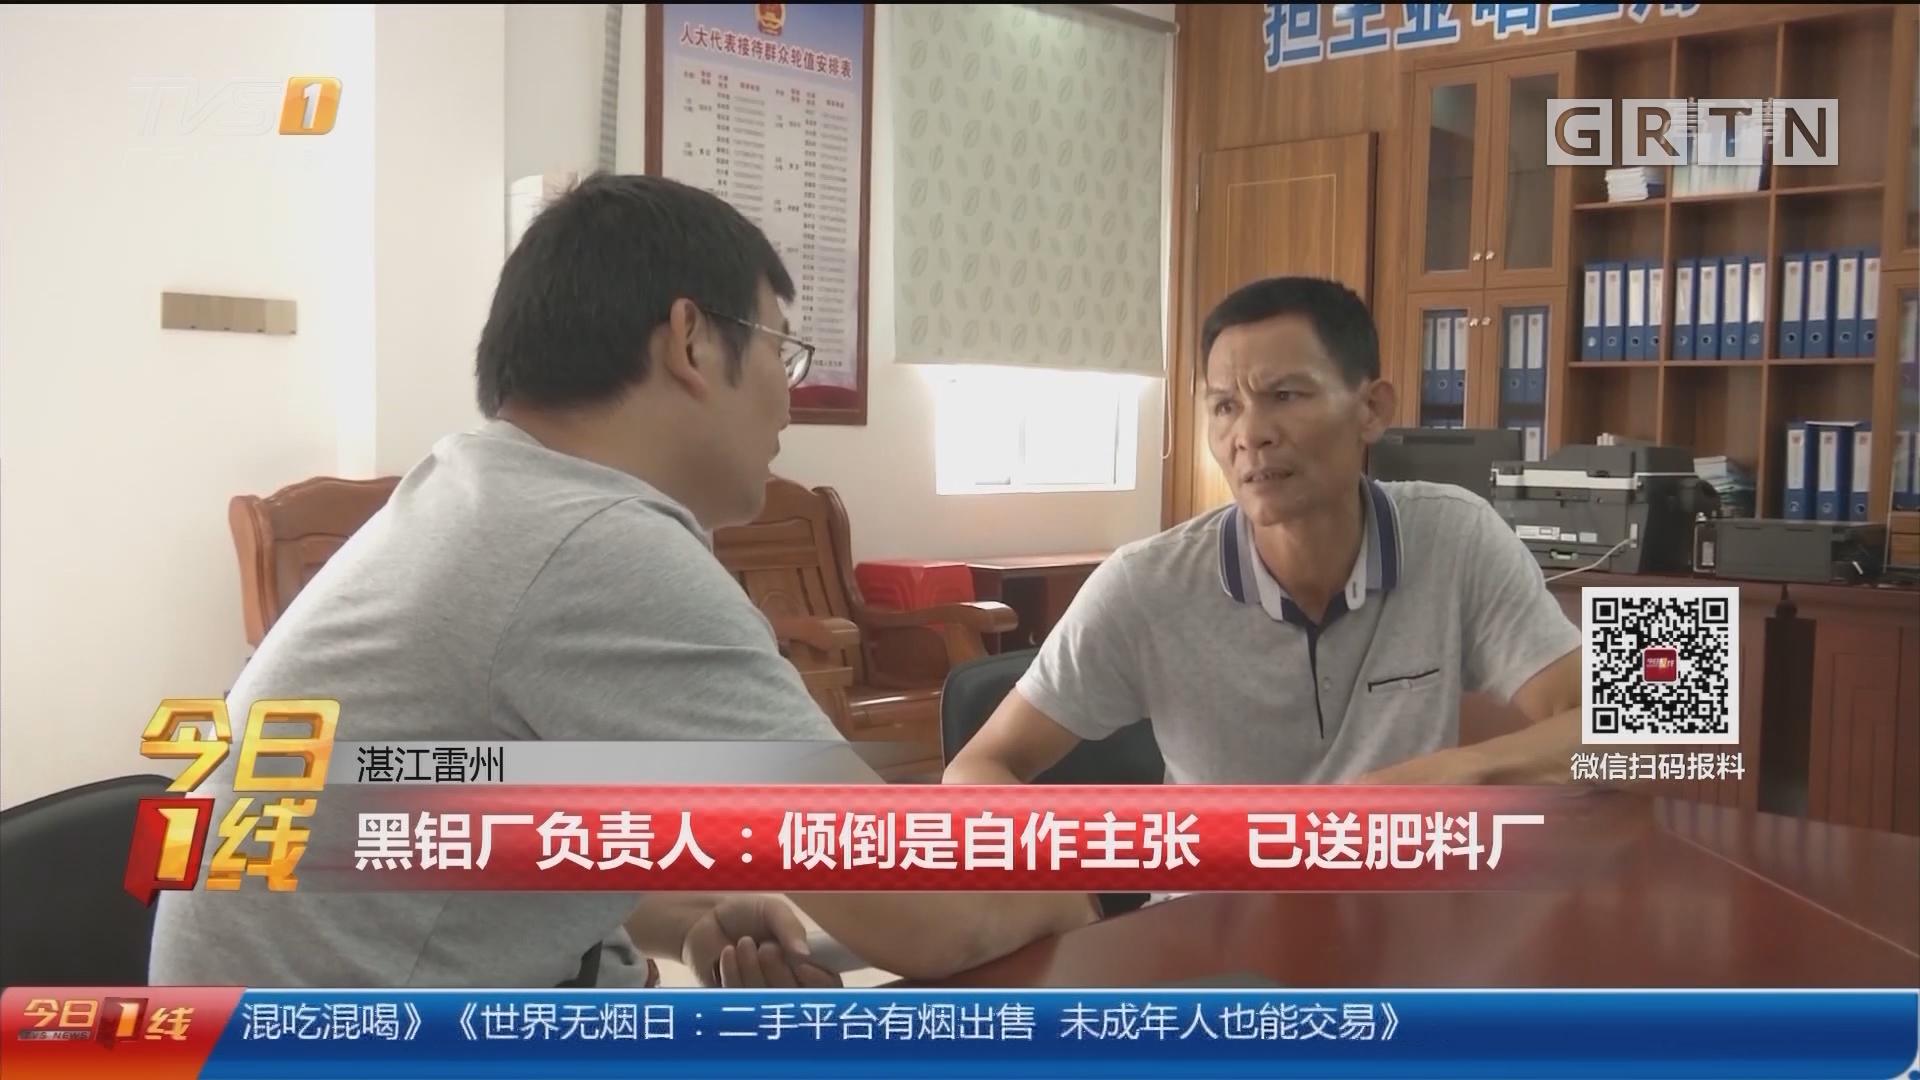 湛江雷州 黑铝厂负责人:倾倒是自作主张 已送肥料厂